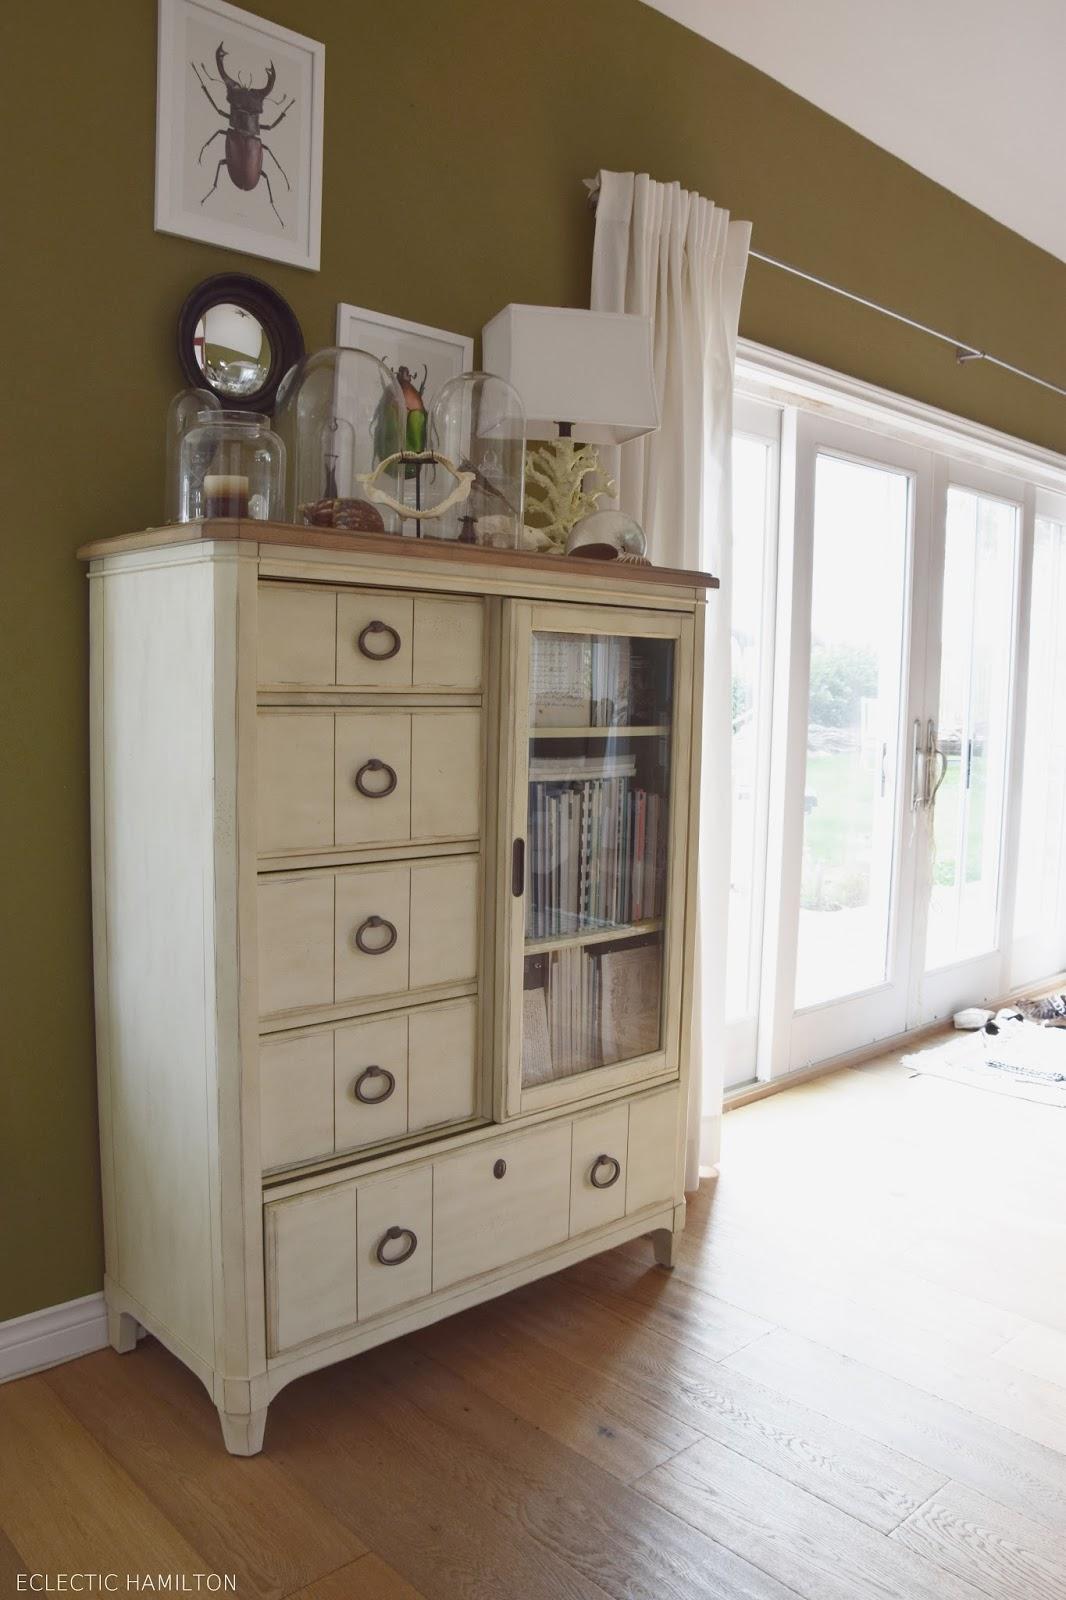 mein wohnzimmer teil 2  neu gestaltet: highboard + sideboard, Wohnzimmer